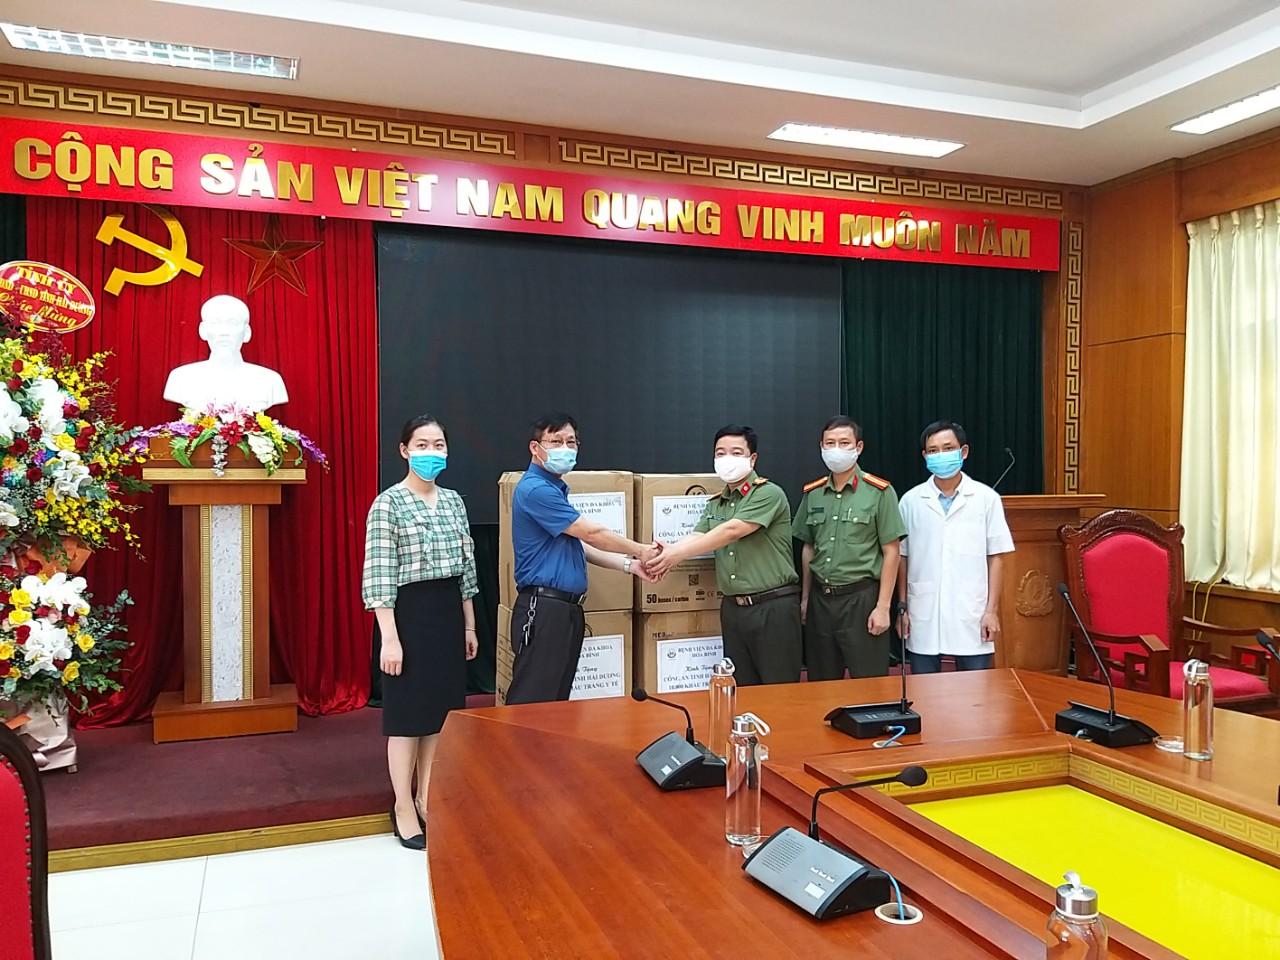 Bệnh viện đa khoa Hoà Bình - Chung tay đẩy lùi dịch bệnh SARS-CoV-2